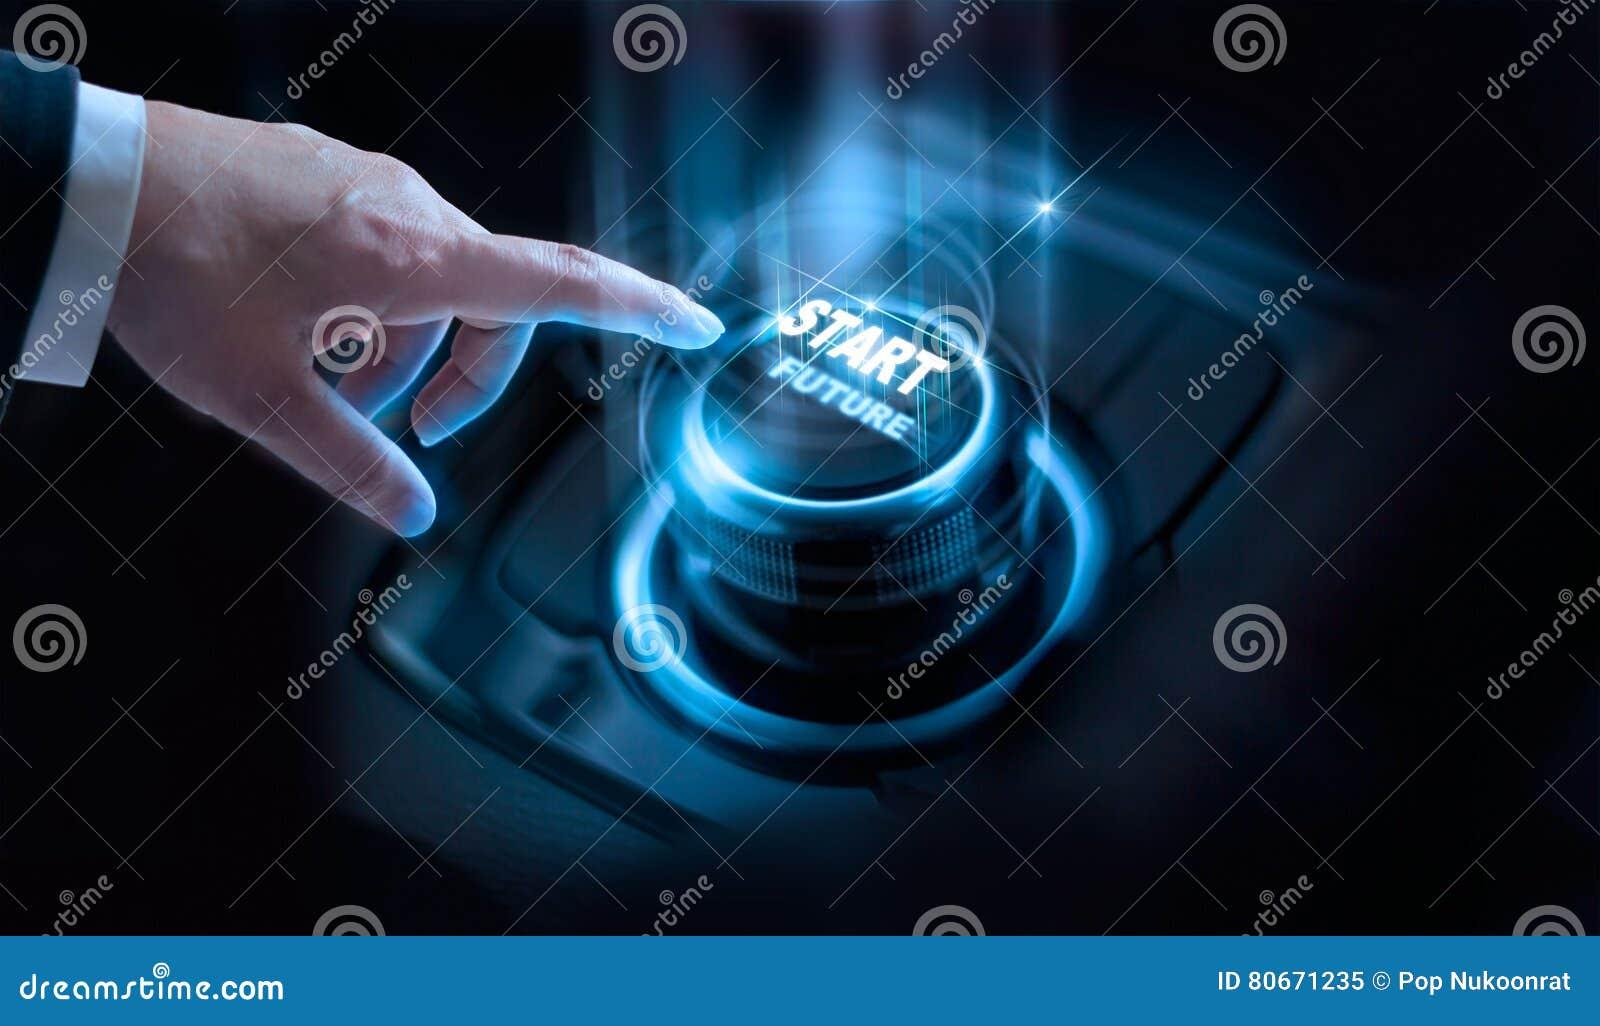 Botón futuro del comienzo de la prensa del hombre de negocios con la luz virtual